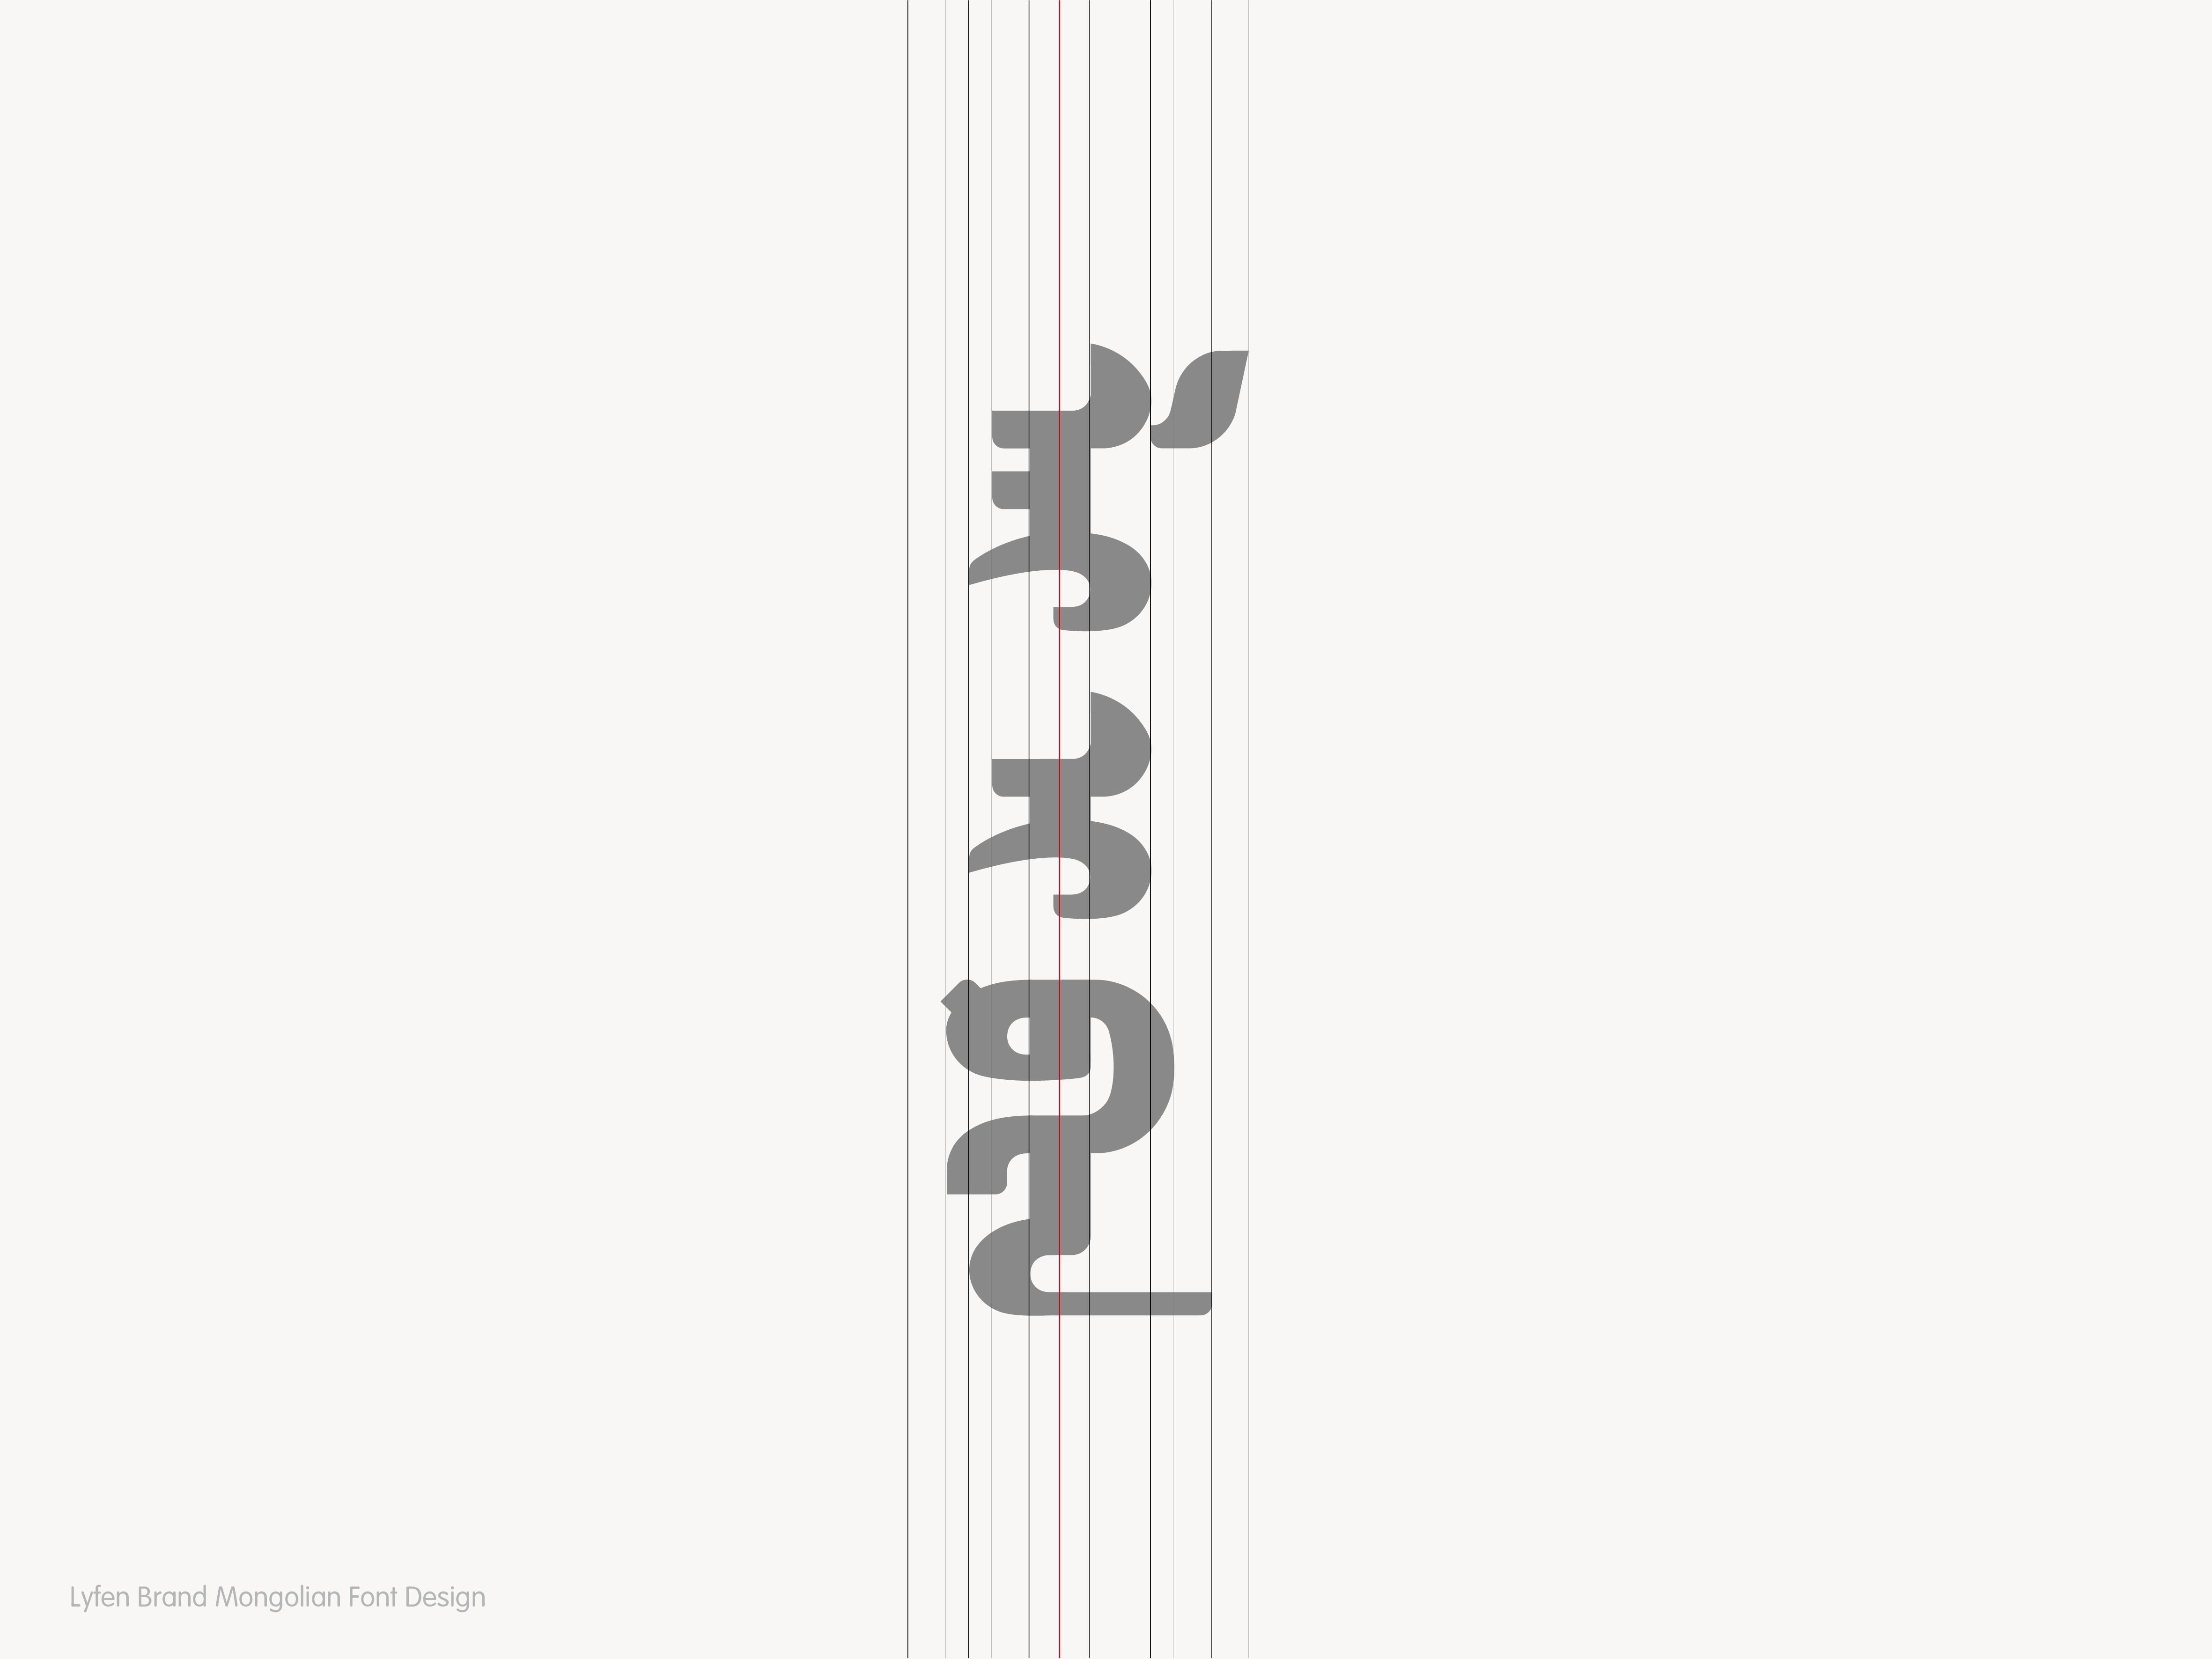 来伊份品牌蒙古文字体设计—包立华 第4张